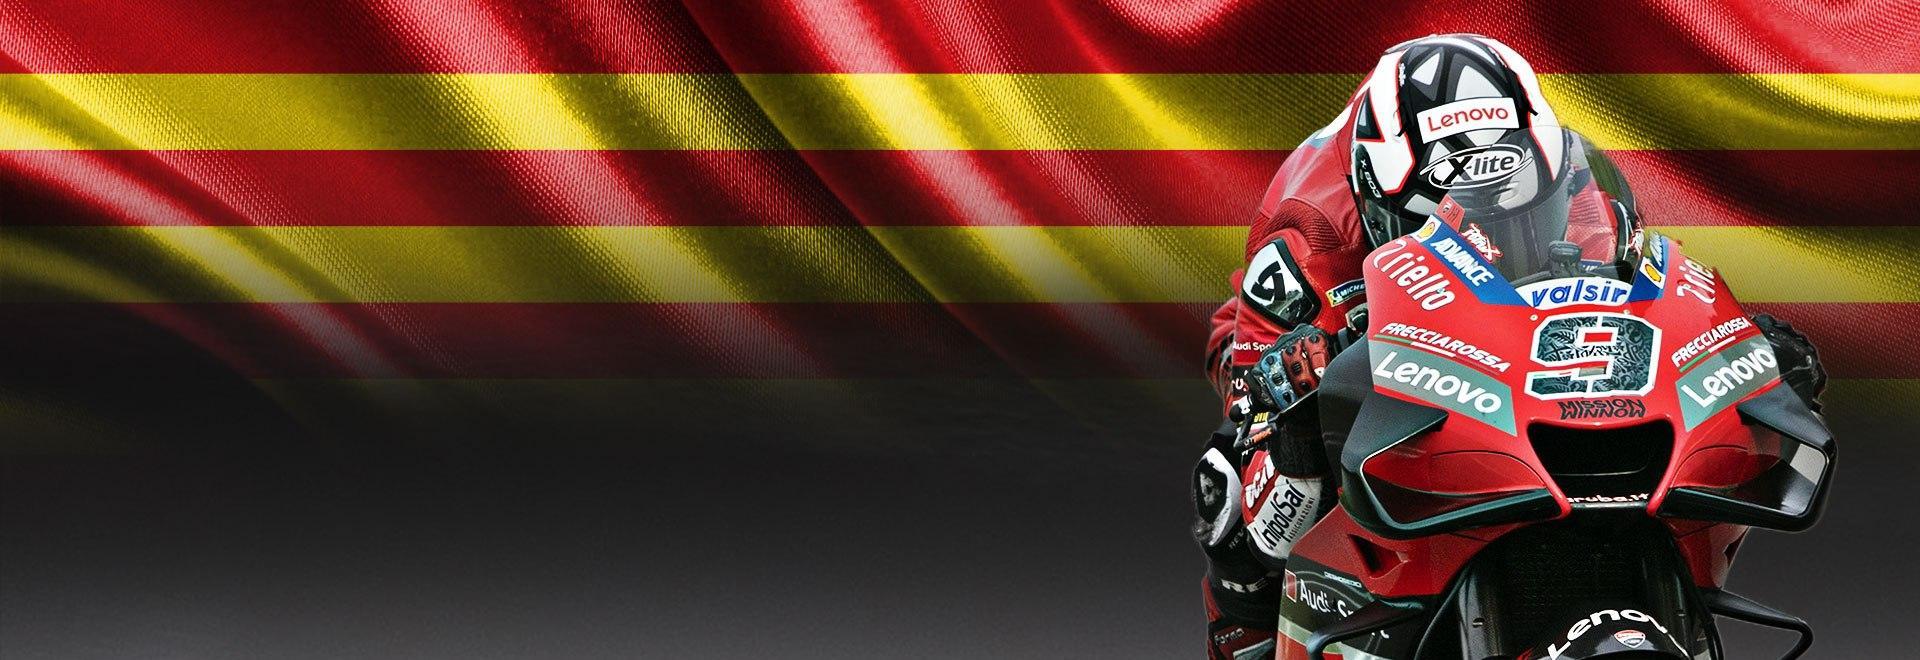 GP Catalunya. PL4